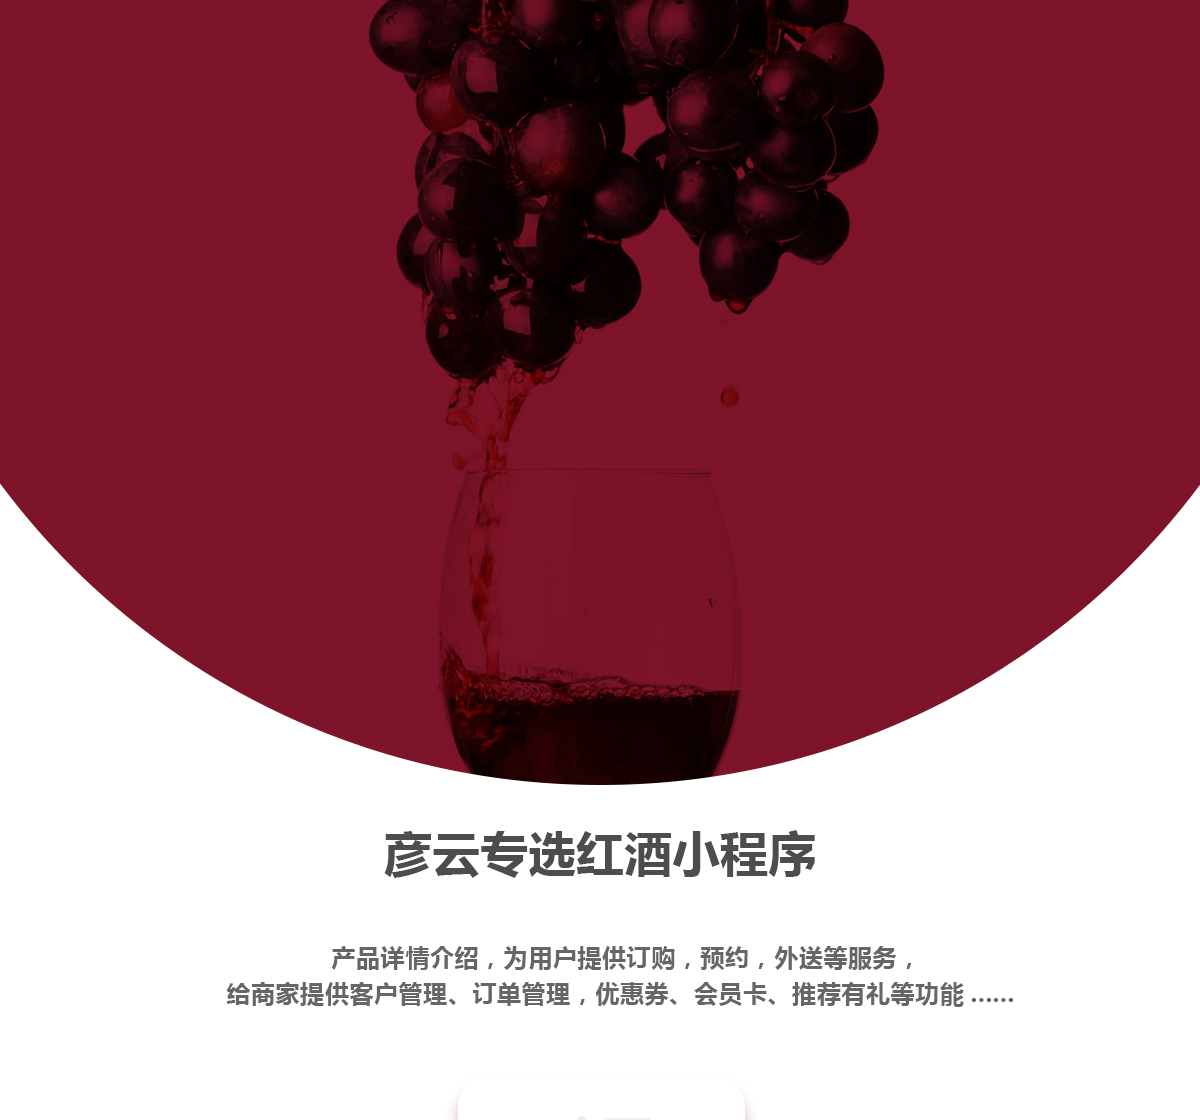 电商红酒小程序